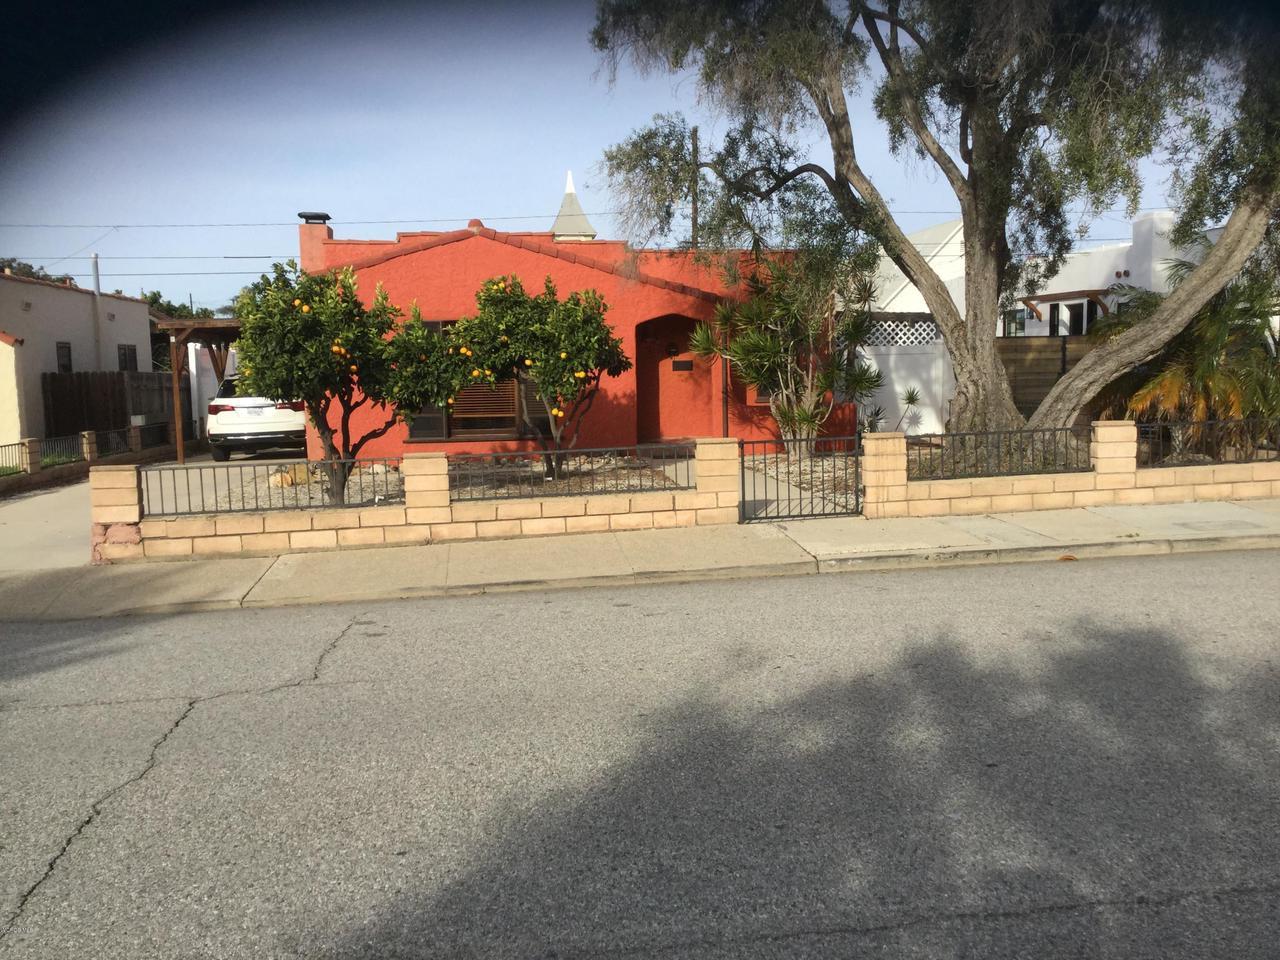 191 CATALINA, Ventura, CA 93001 - 411A8DDE-BB87-45D4-8C12-99EB708F2573